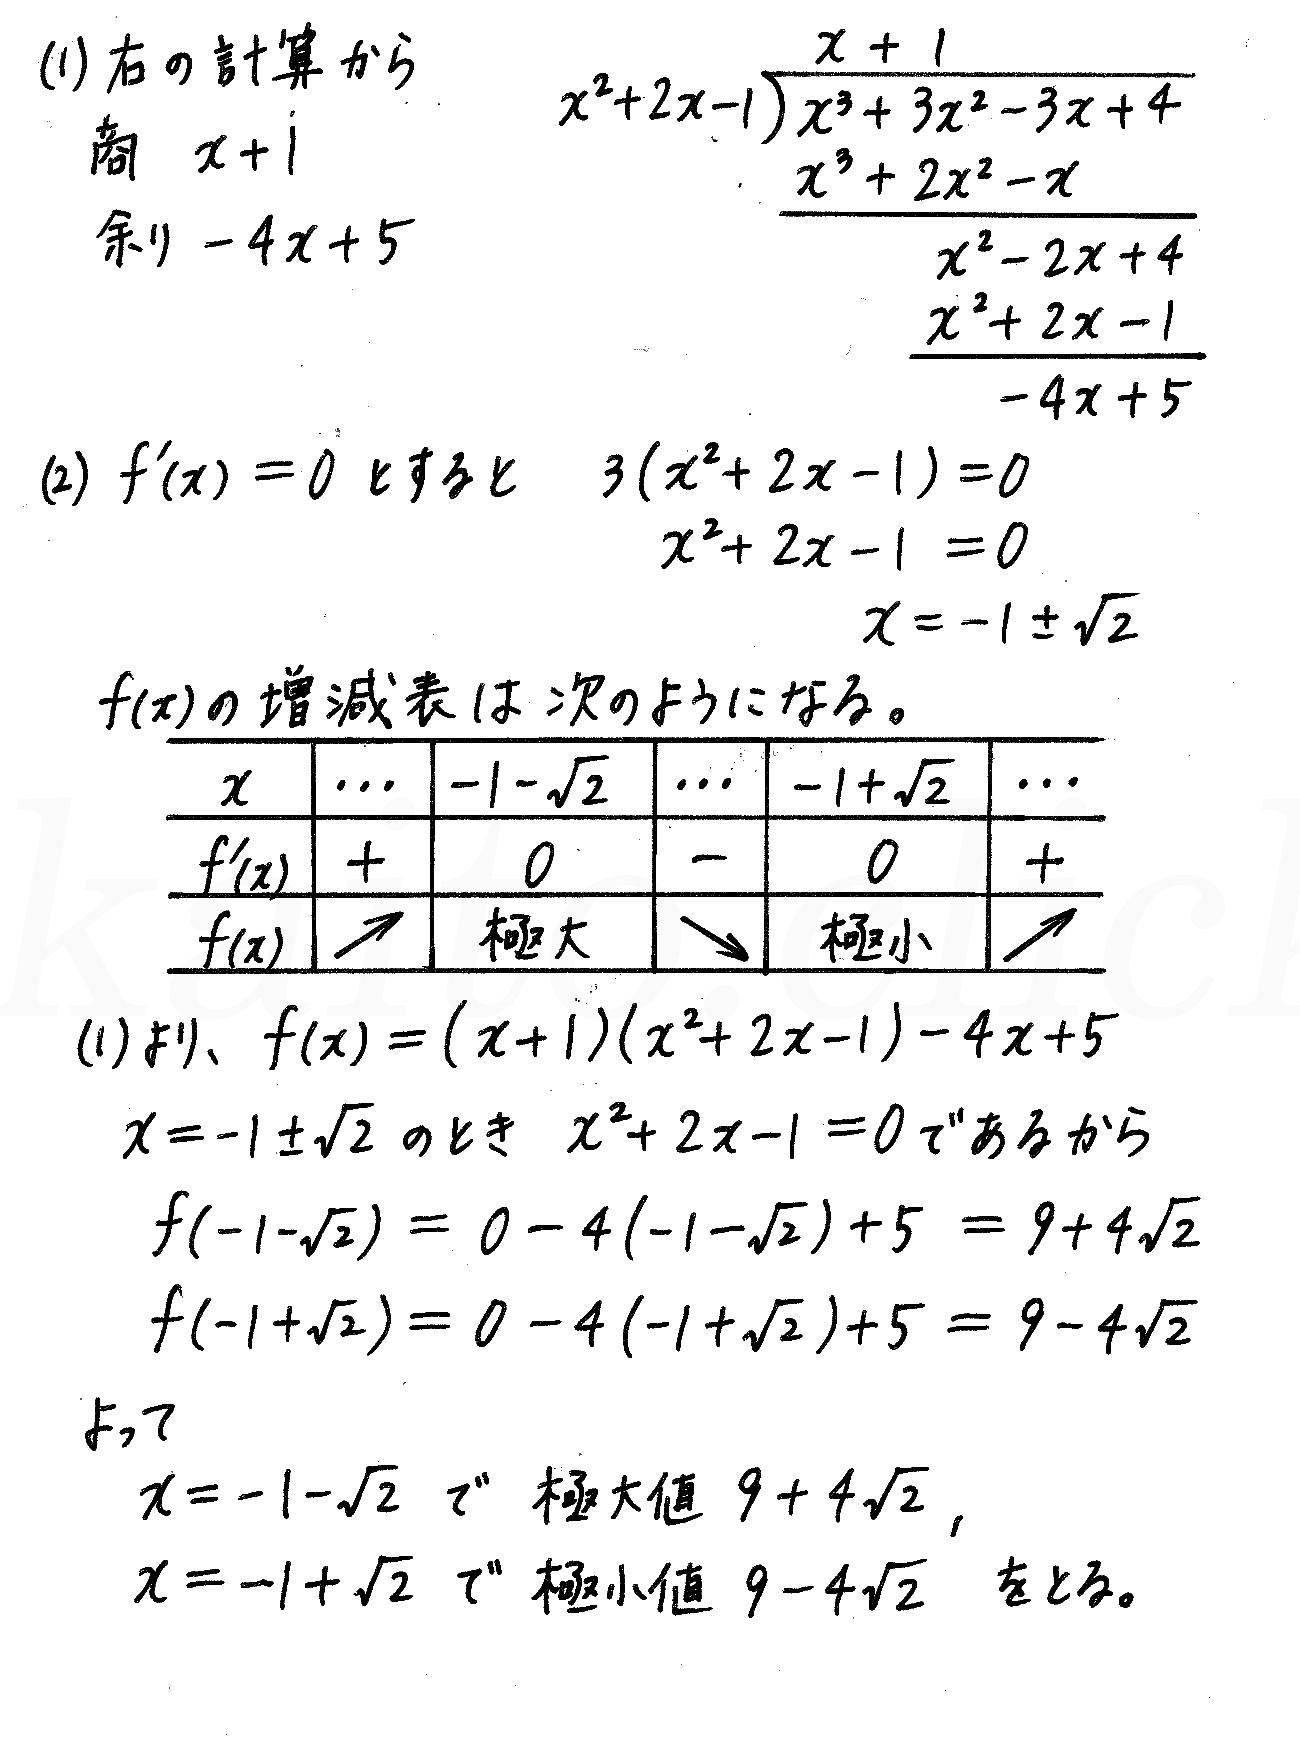 4STEP数学2-422解答